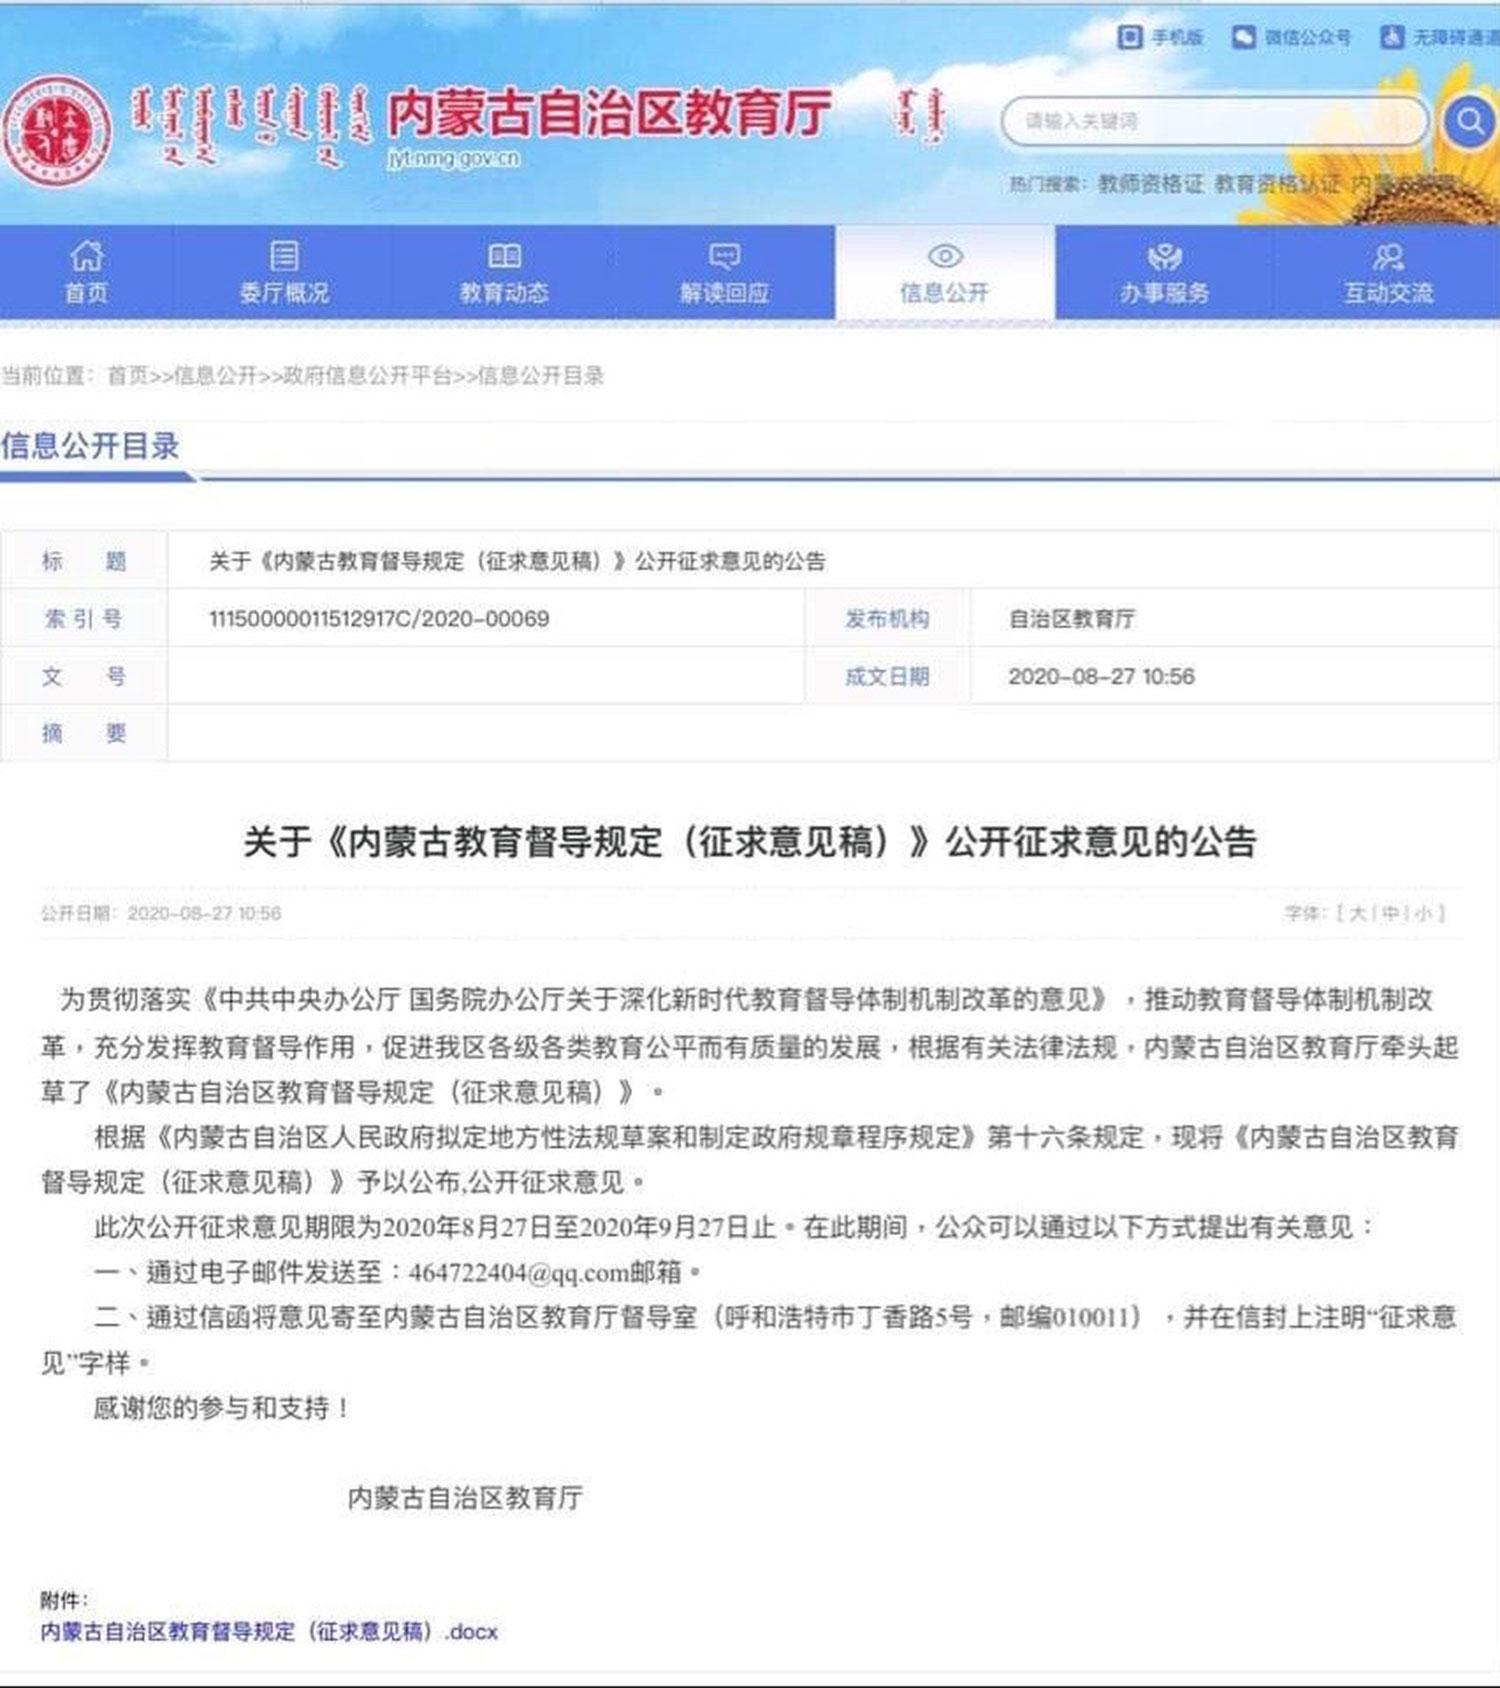 内蒙古教育厅发布《内蒙古教育督导规定(征求意见稿)》。(网络截图)